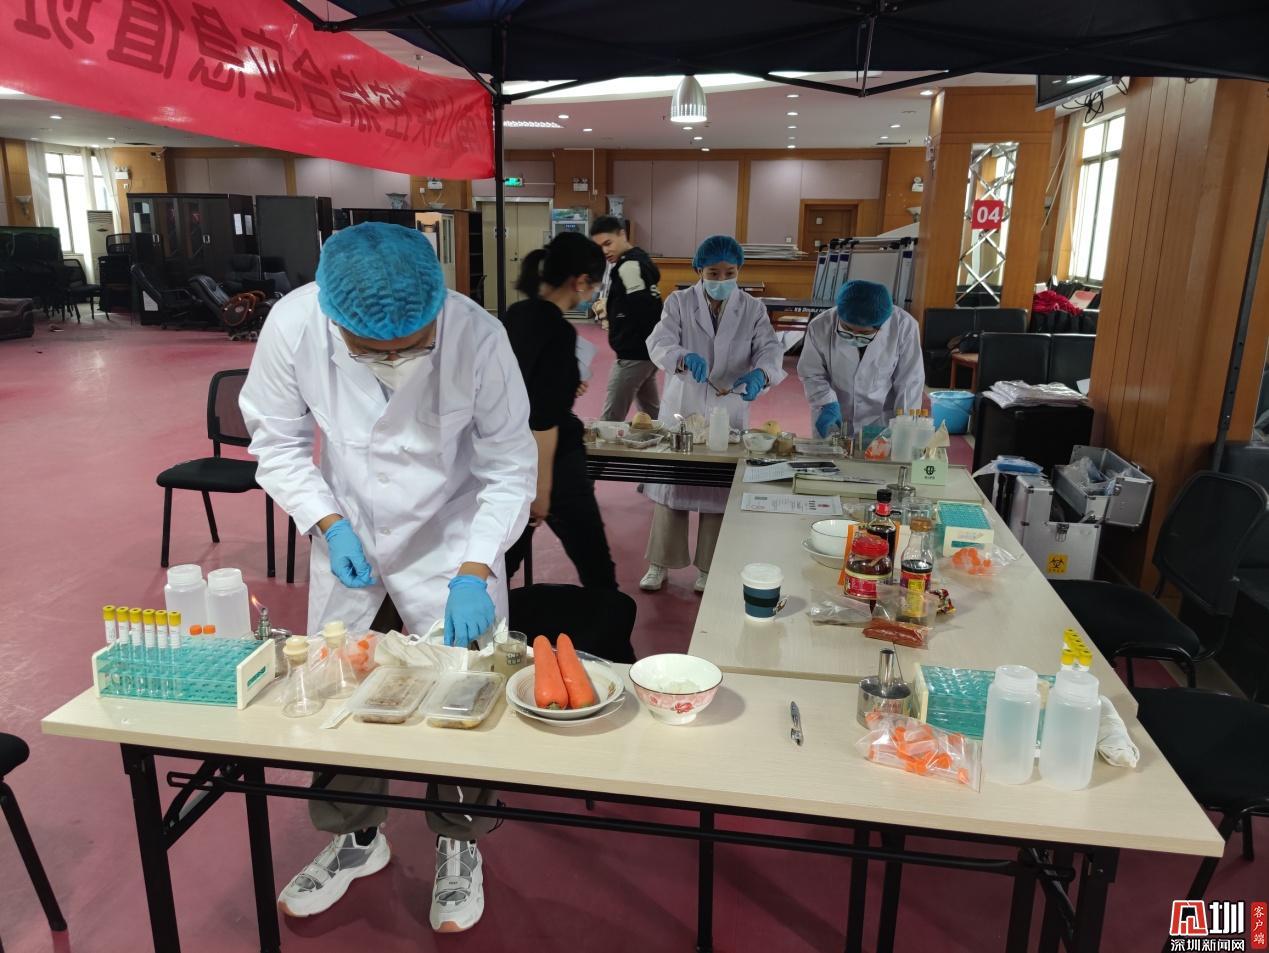 南山区疾病预防控制中心开展突发食物中毒事件应急处置演练活动